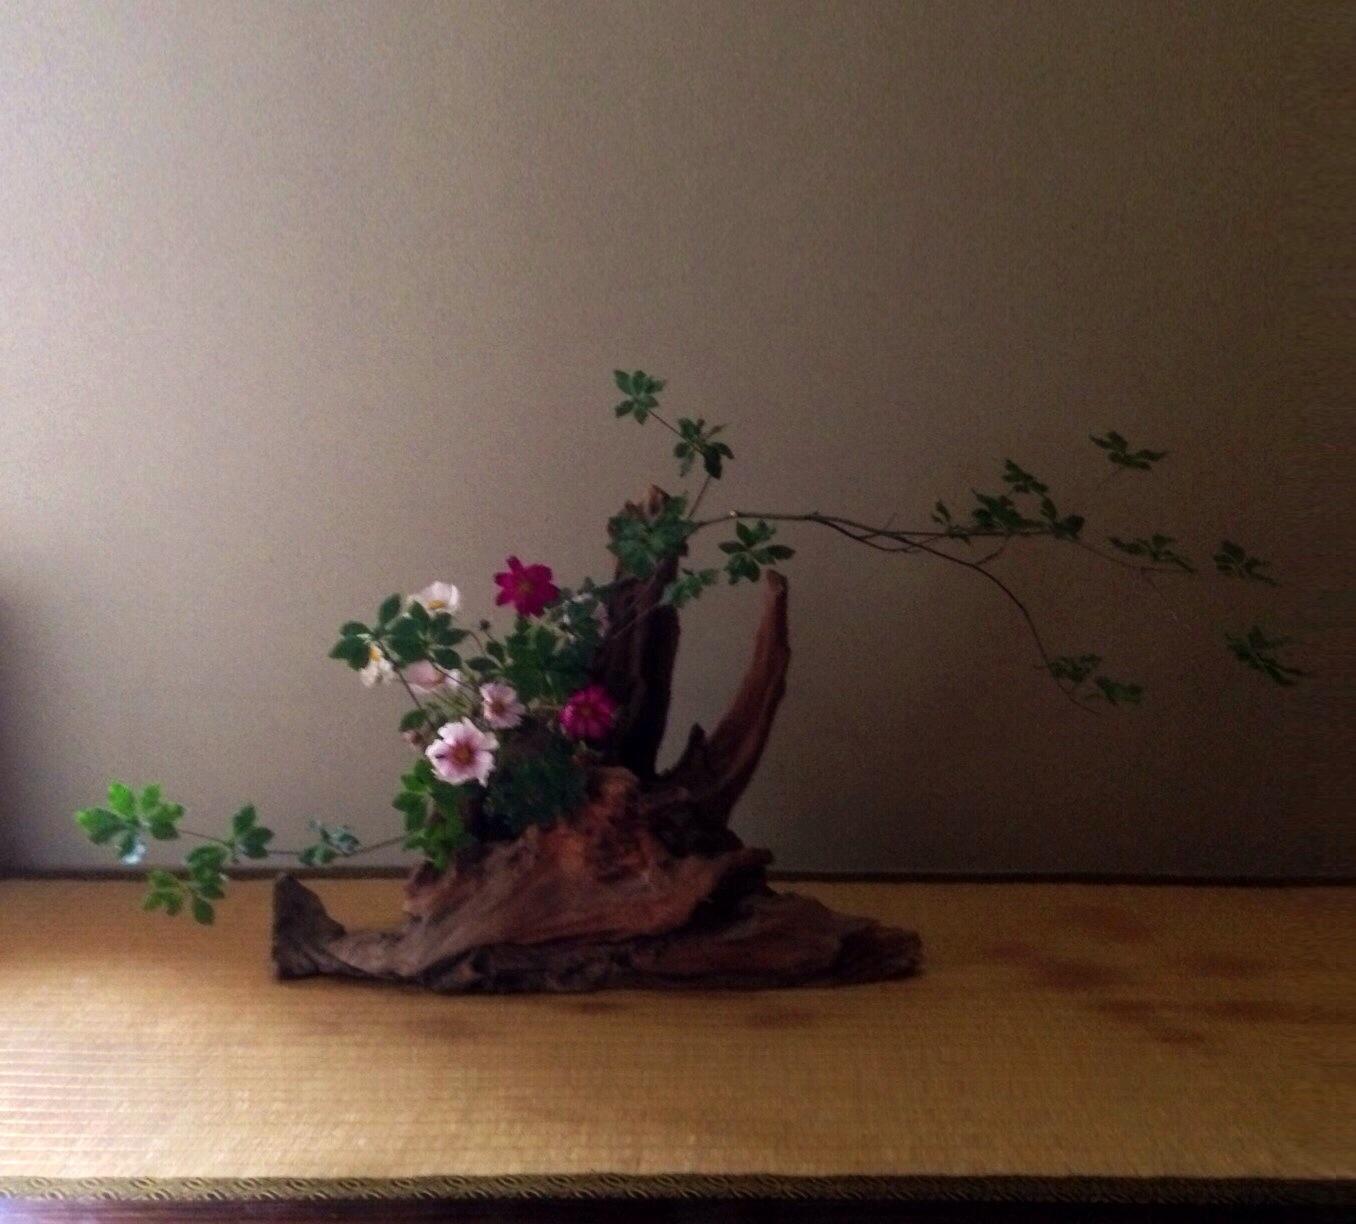 Flower Arrangement Using Driftwood: Autumn Flower And Driftwood €� Ikebana